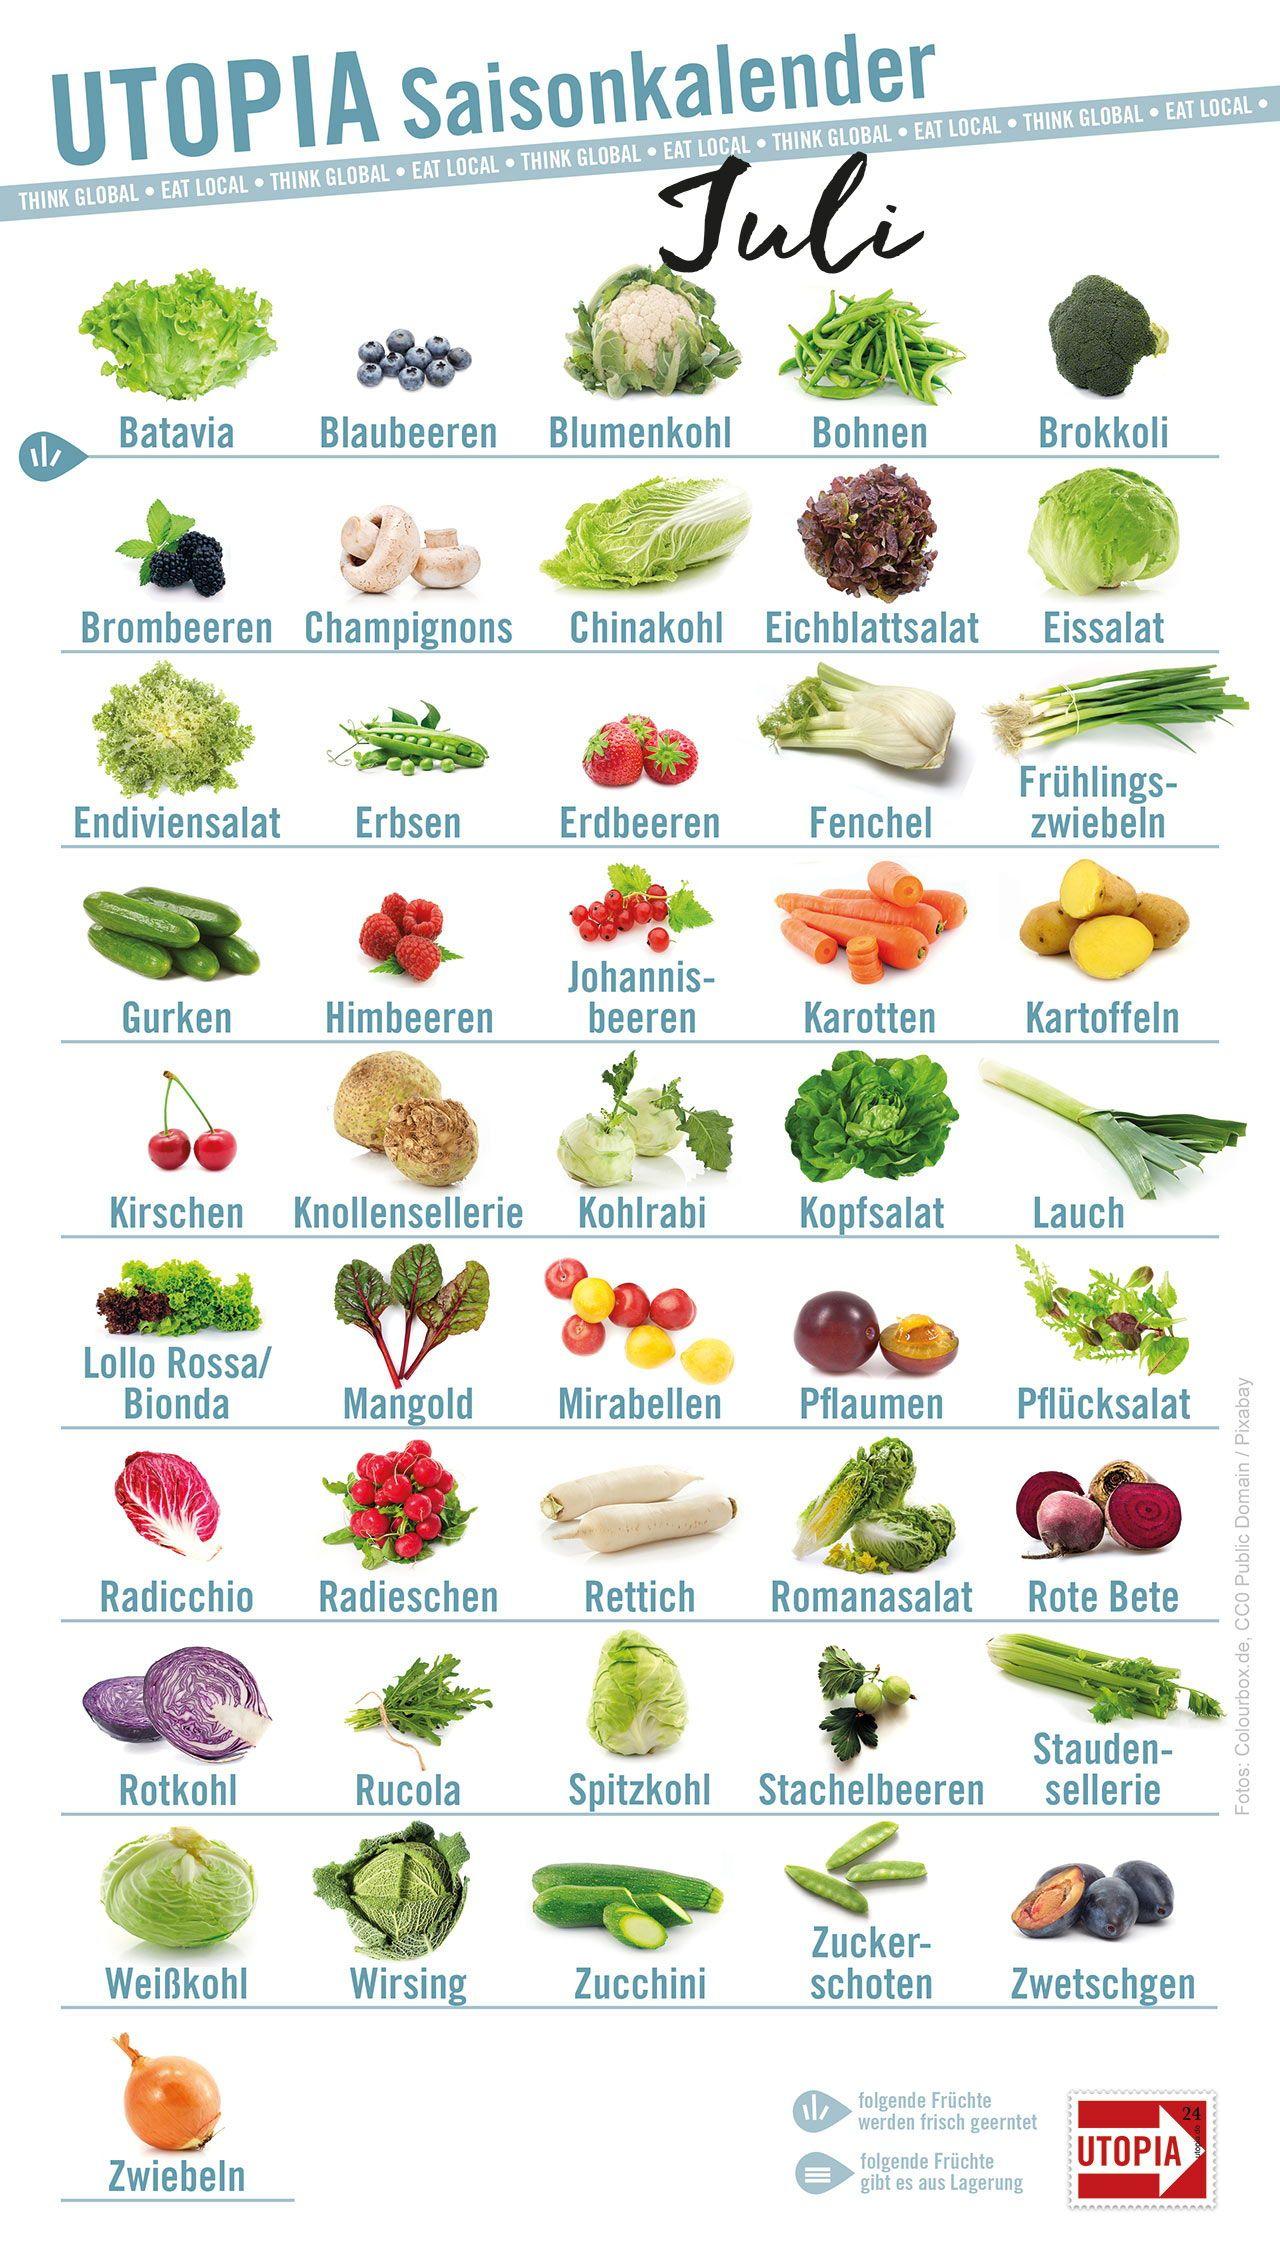 Saisonkalender für Juli: Dieses Obst und Gemüse gibt es ...